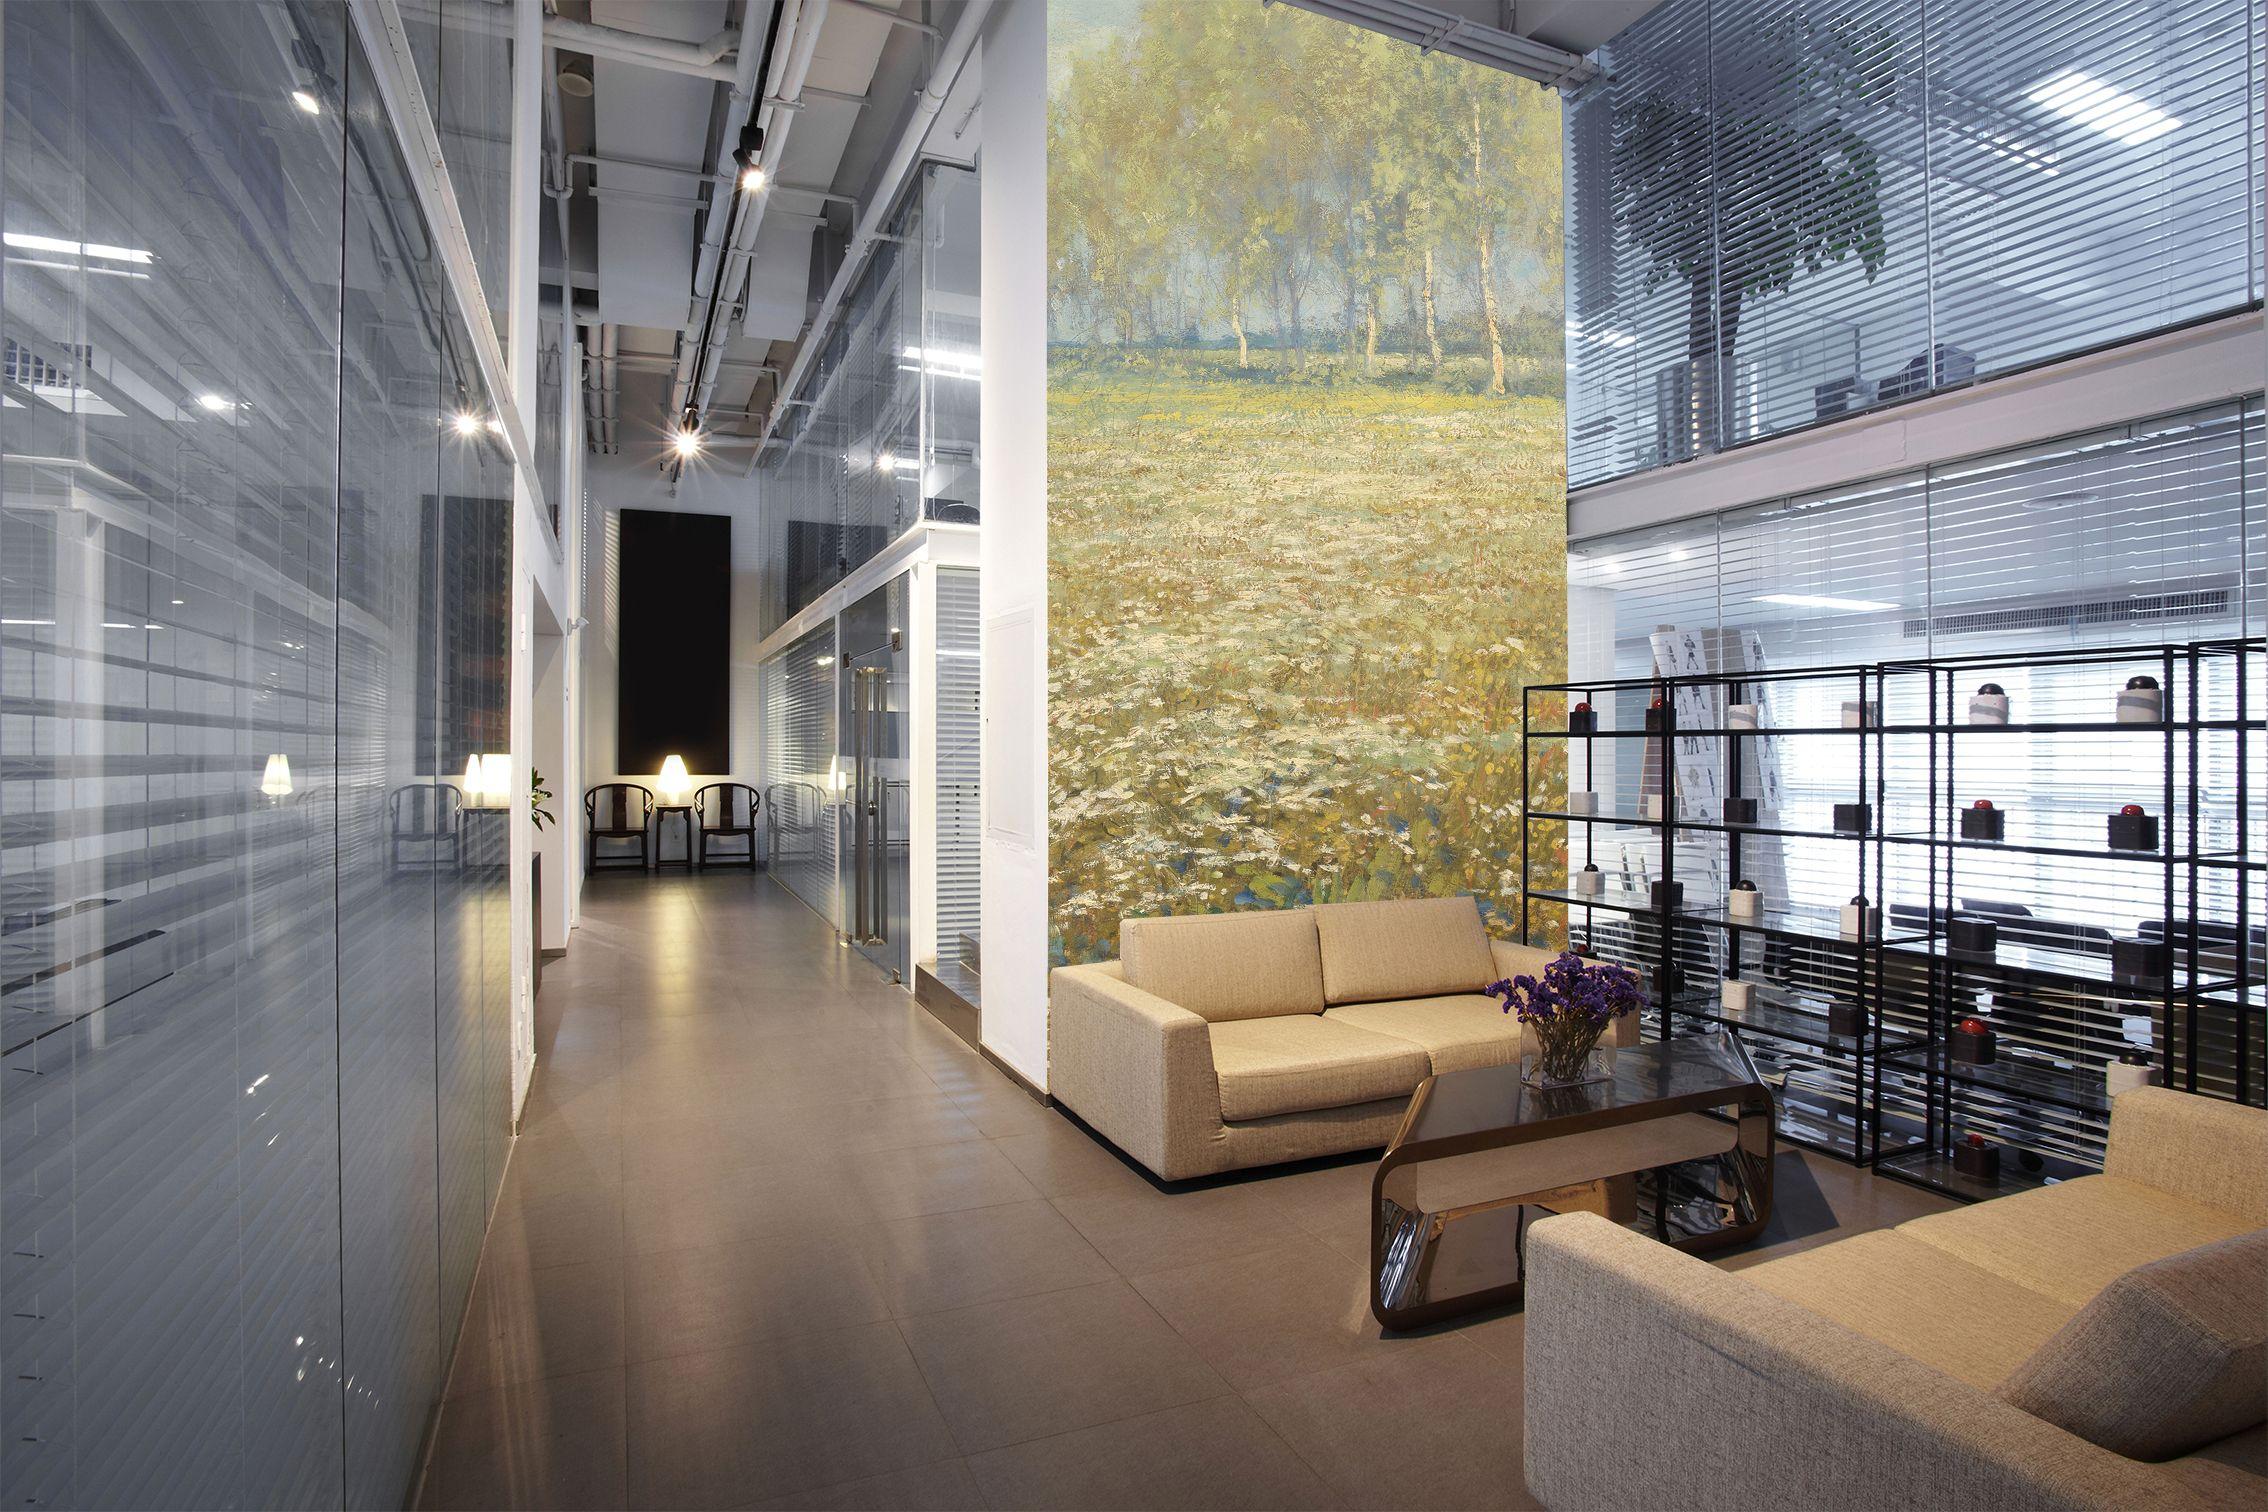 Supermooi opgelost! Deze grote en vooral hoge hal, wachtruimte of kantoor, met een prachtige eyecatcher van een behang op 1 van de hoge muren. Past qua kleur helemaal in deze ruimte. Rustig maar toch word je oog er naar toe getrokken. #behang #kantoor #oplossing #landschap #geel #tapete #papierpeint #wallcovering